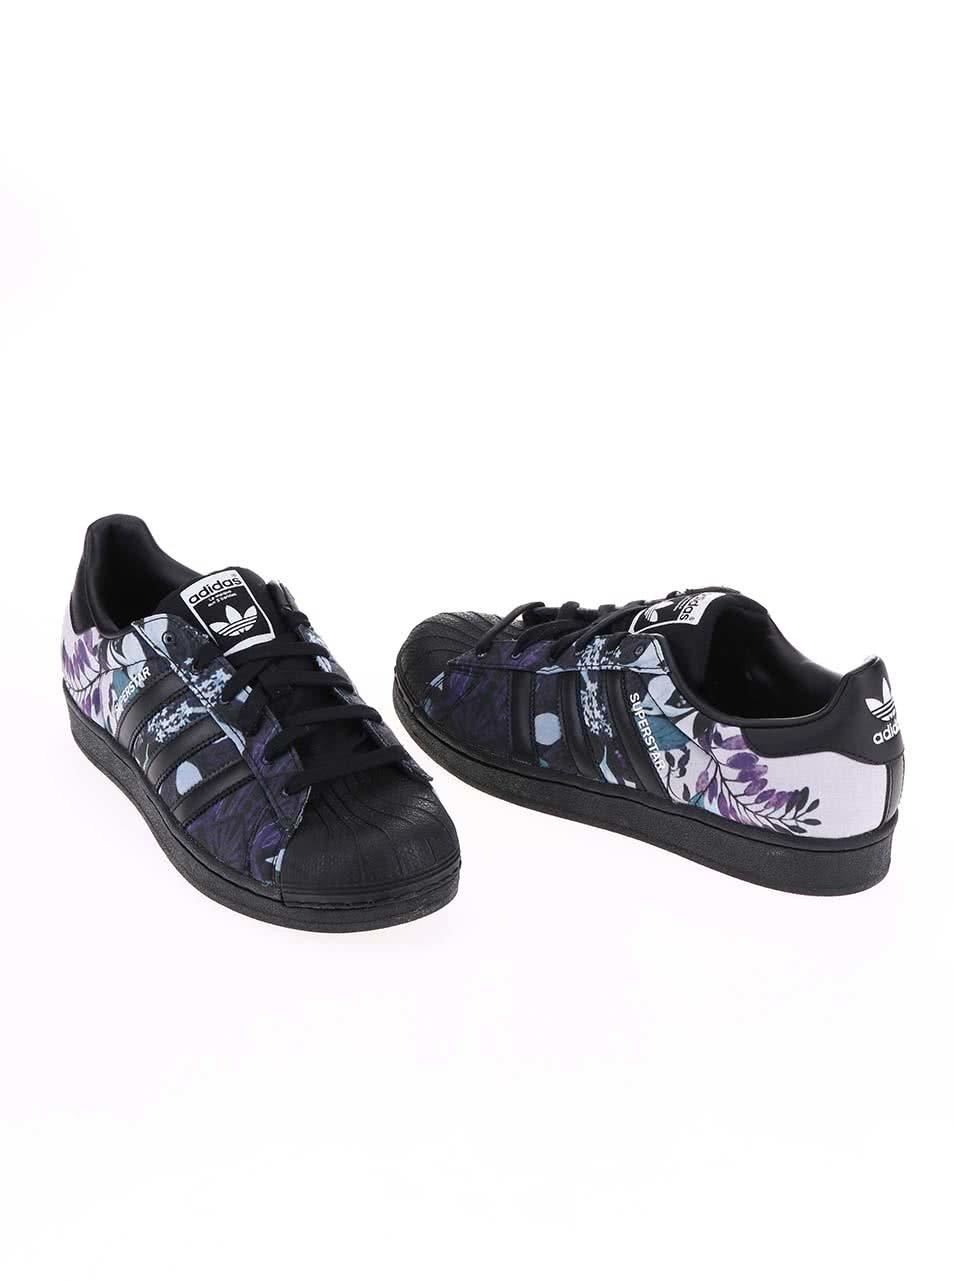 Černé dámské tenisky adidas Originals Superstar W ... c3bd8cf58d